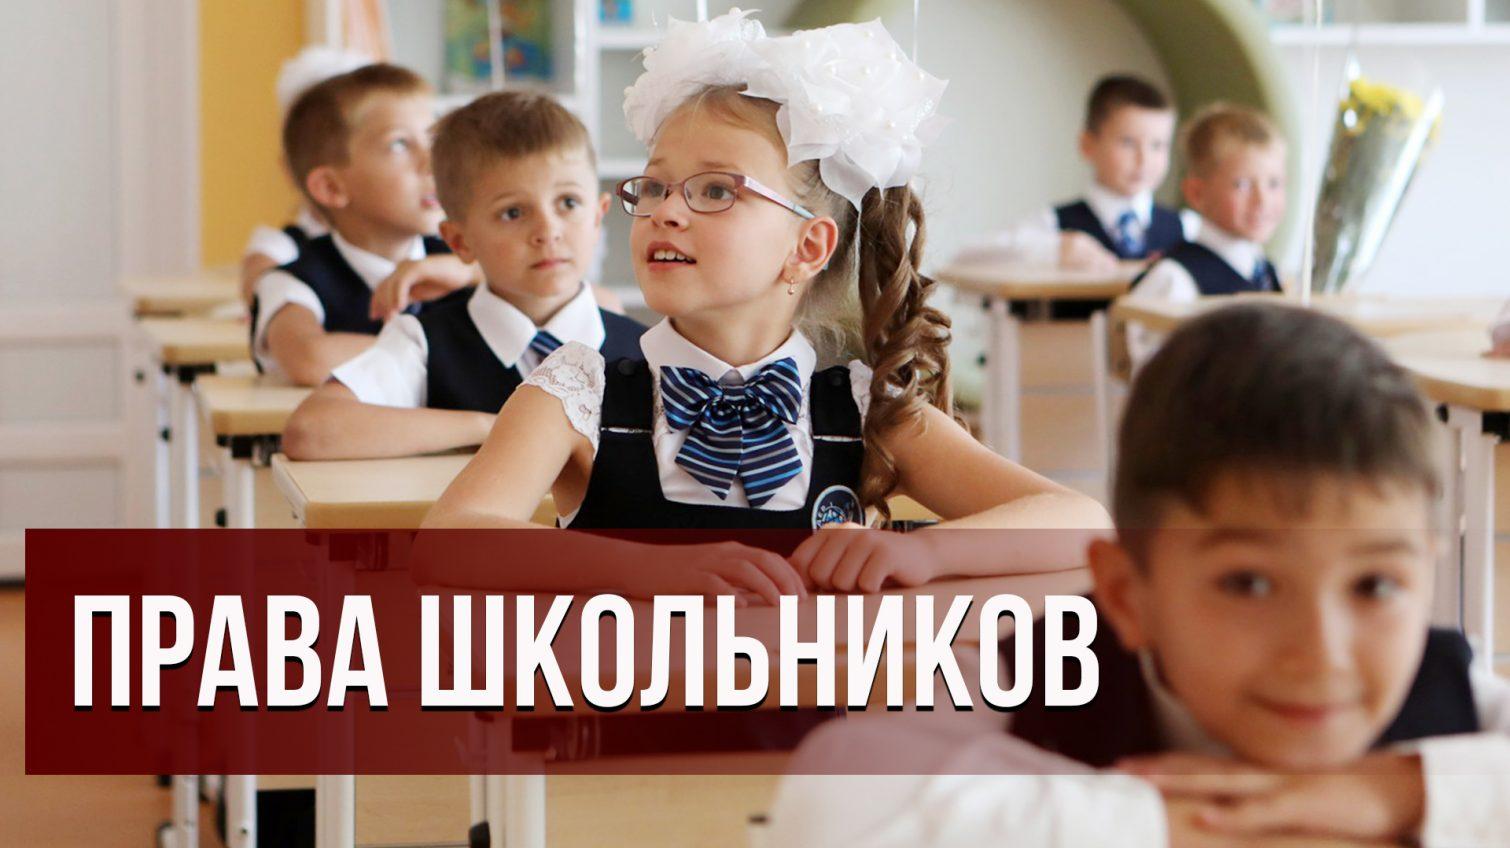 Права школьников: нужно ли сдавать на «фонд класса» и вправе ли учитель забрать телефон у ученика «фото»